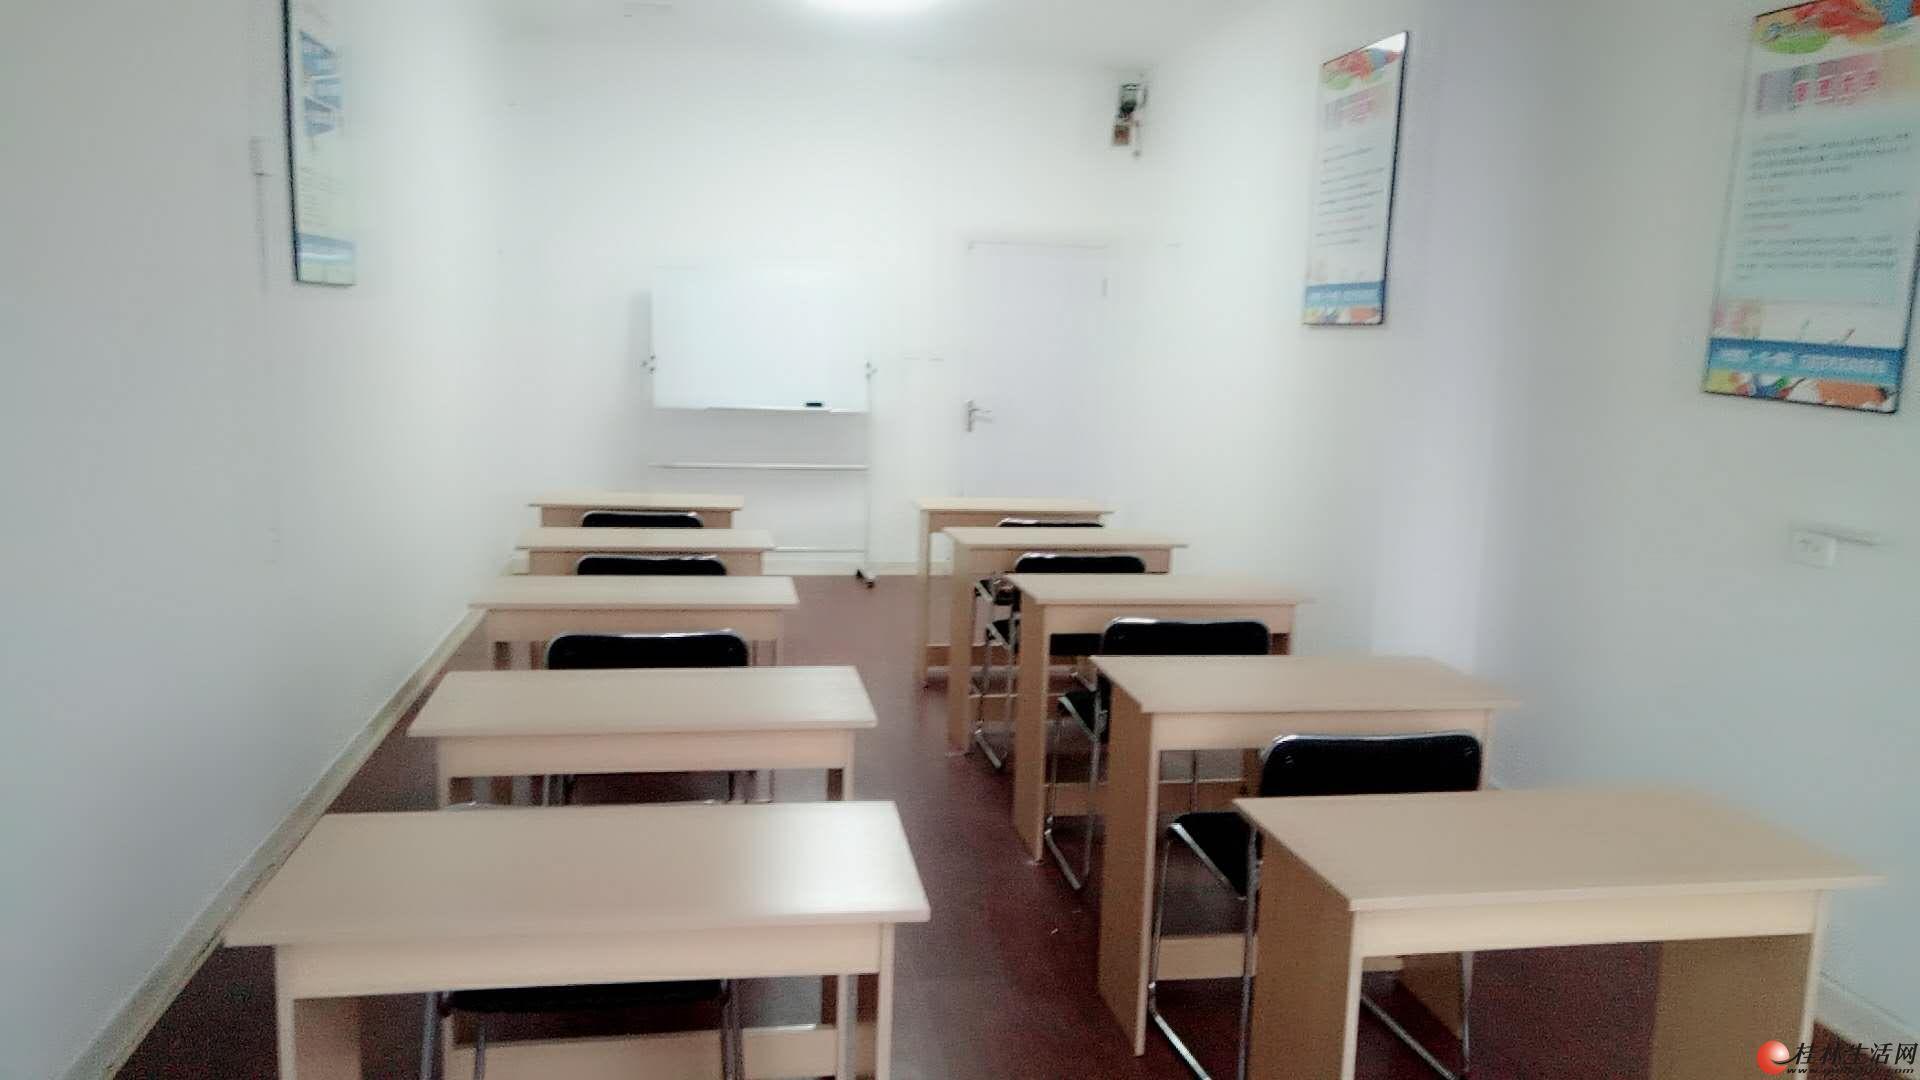 嘉上教育北极广场初高中辅导班开课了